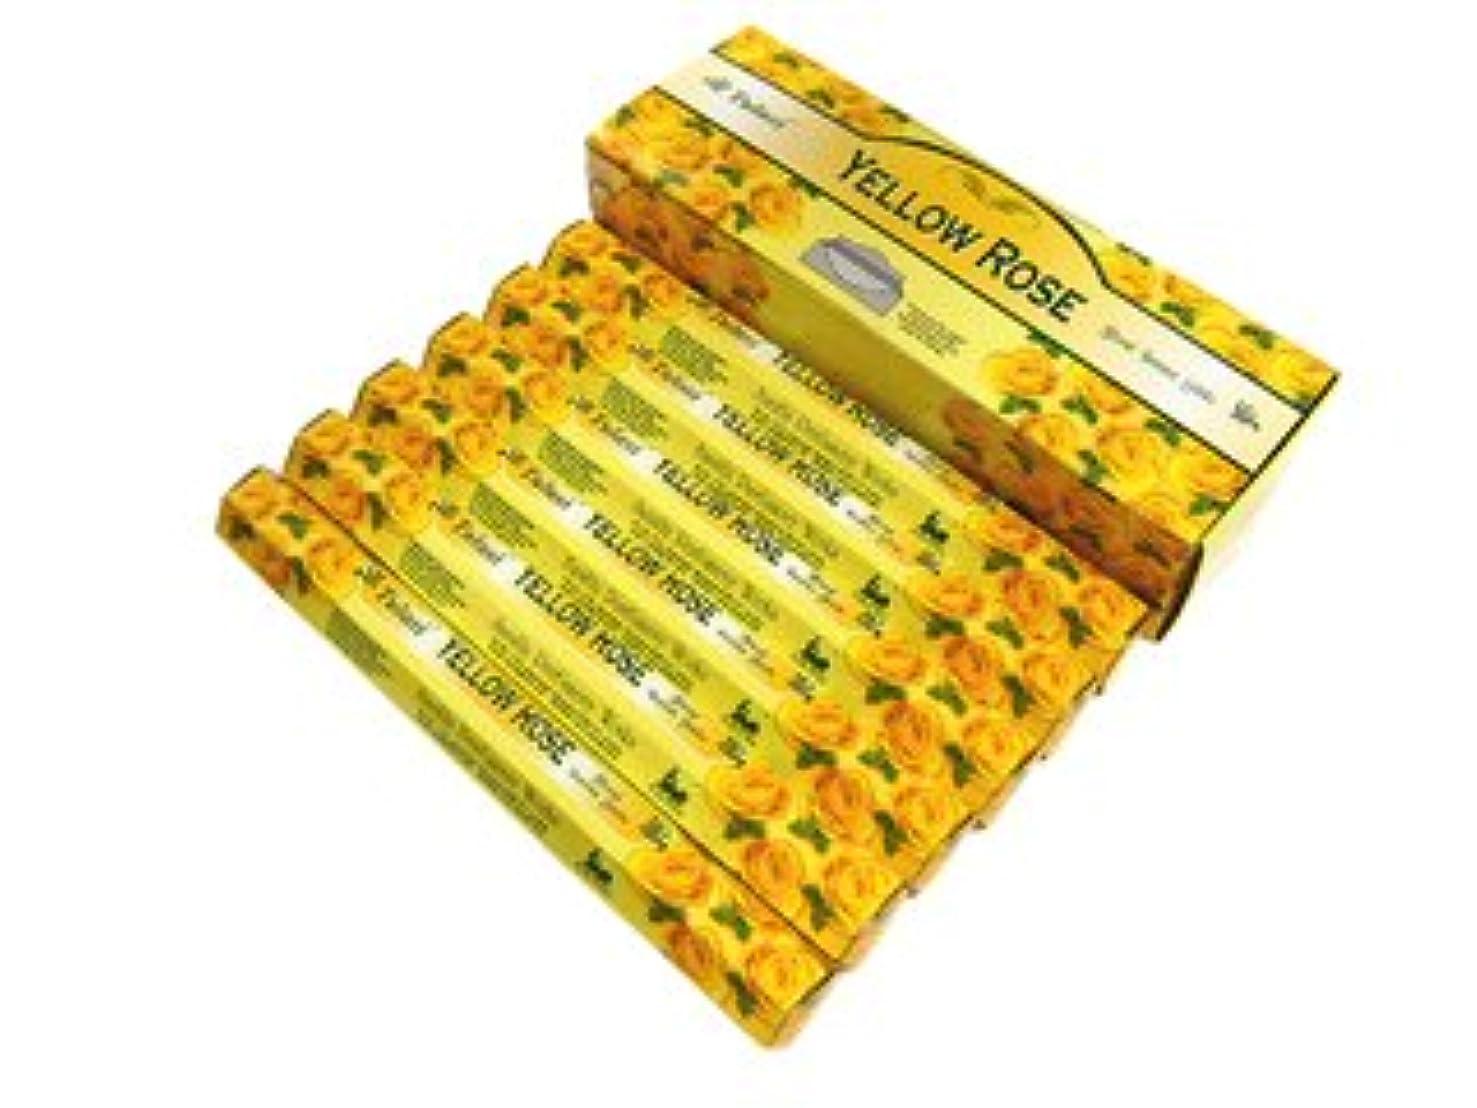 アルコーブスタッフ郡TULASI(トゥラシ) イエローローズ香 スティック YELLOW ROSE 6箱セット